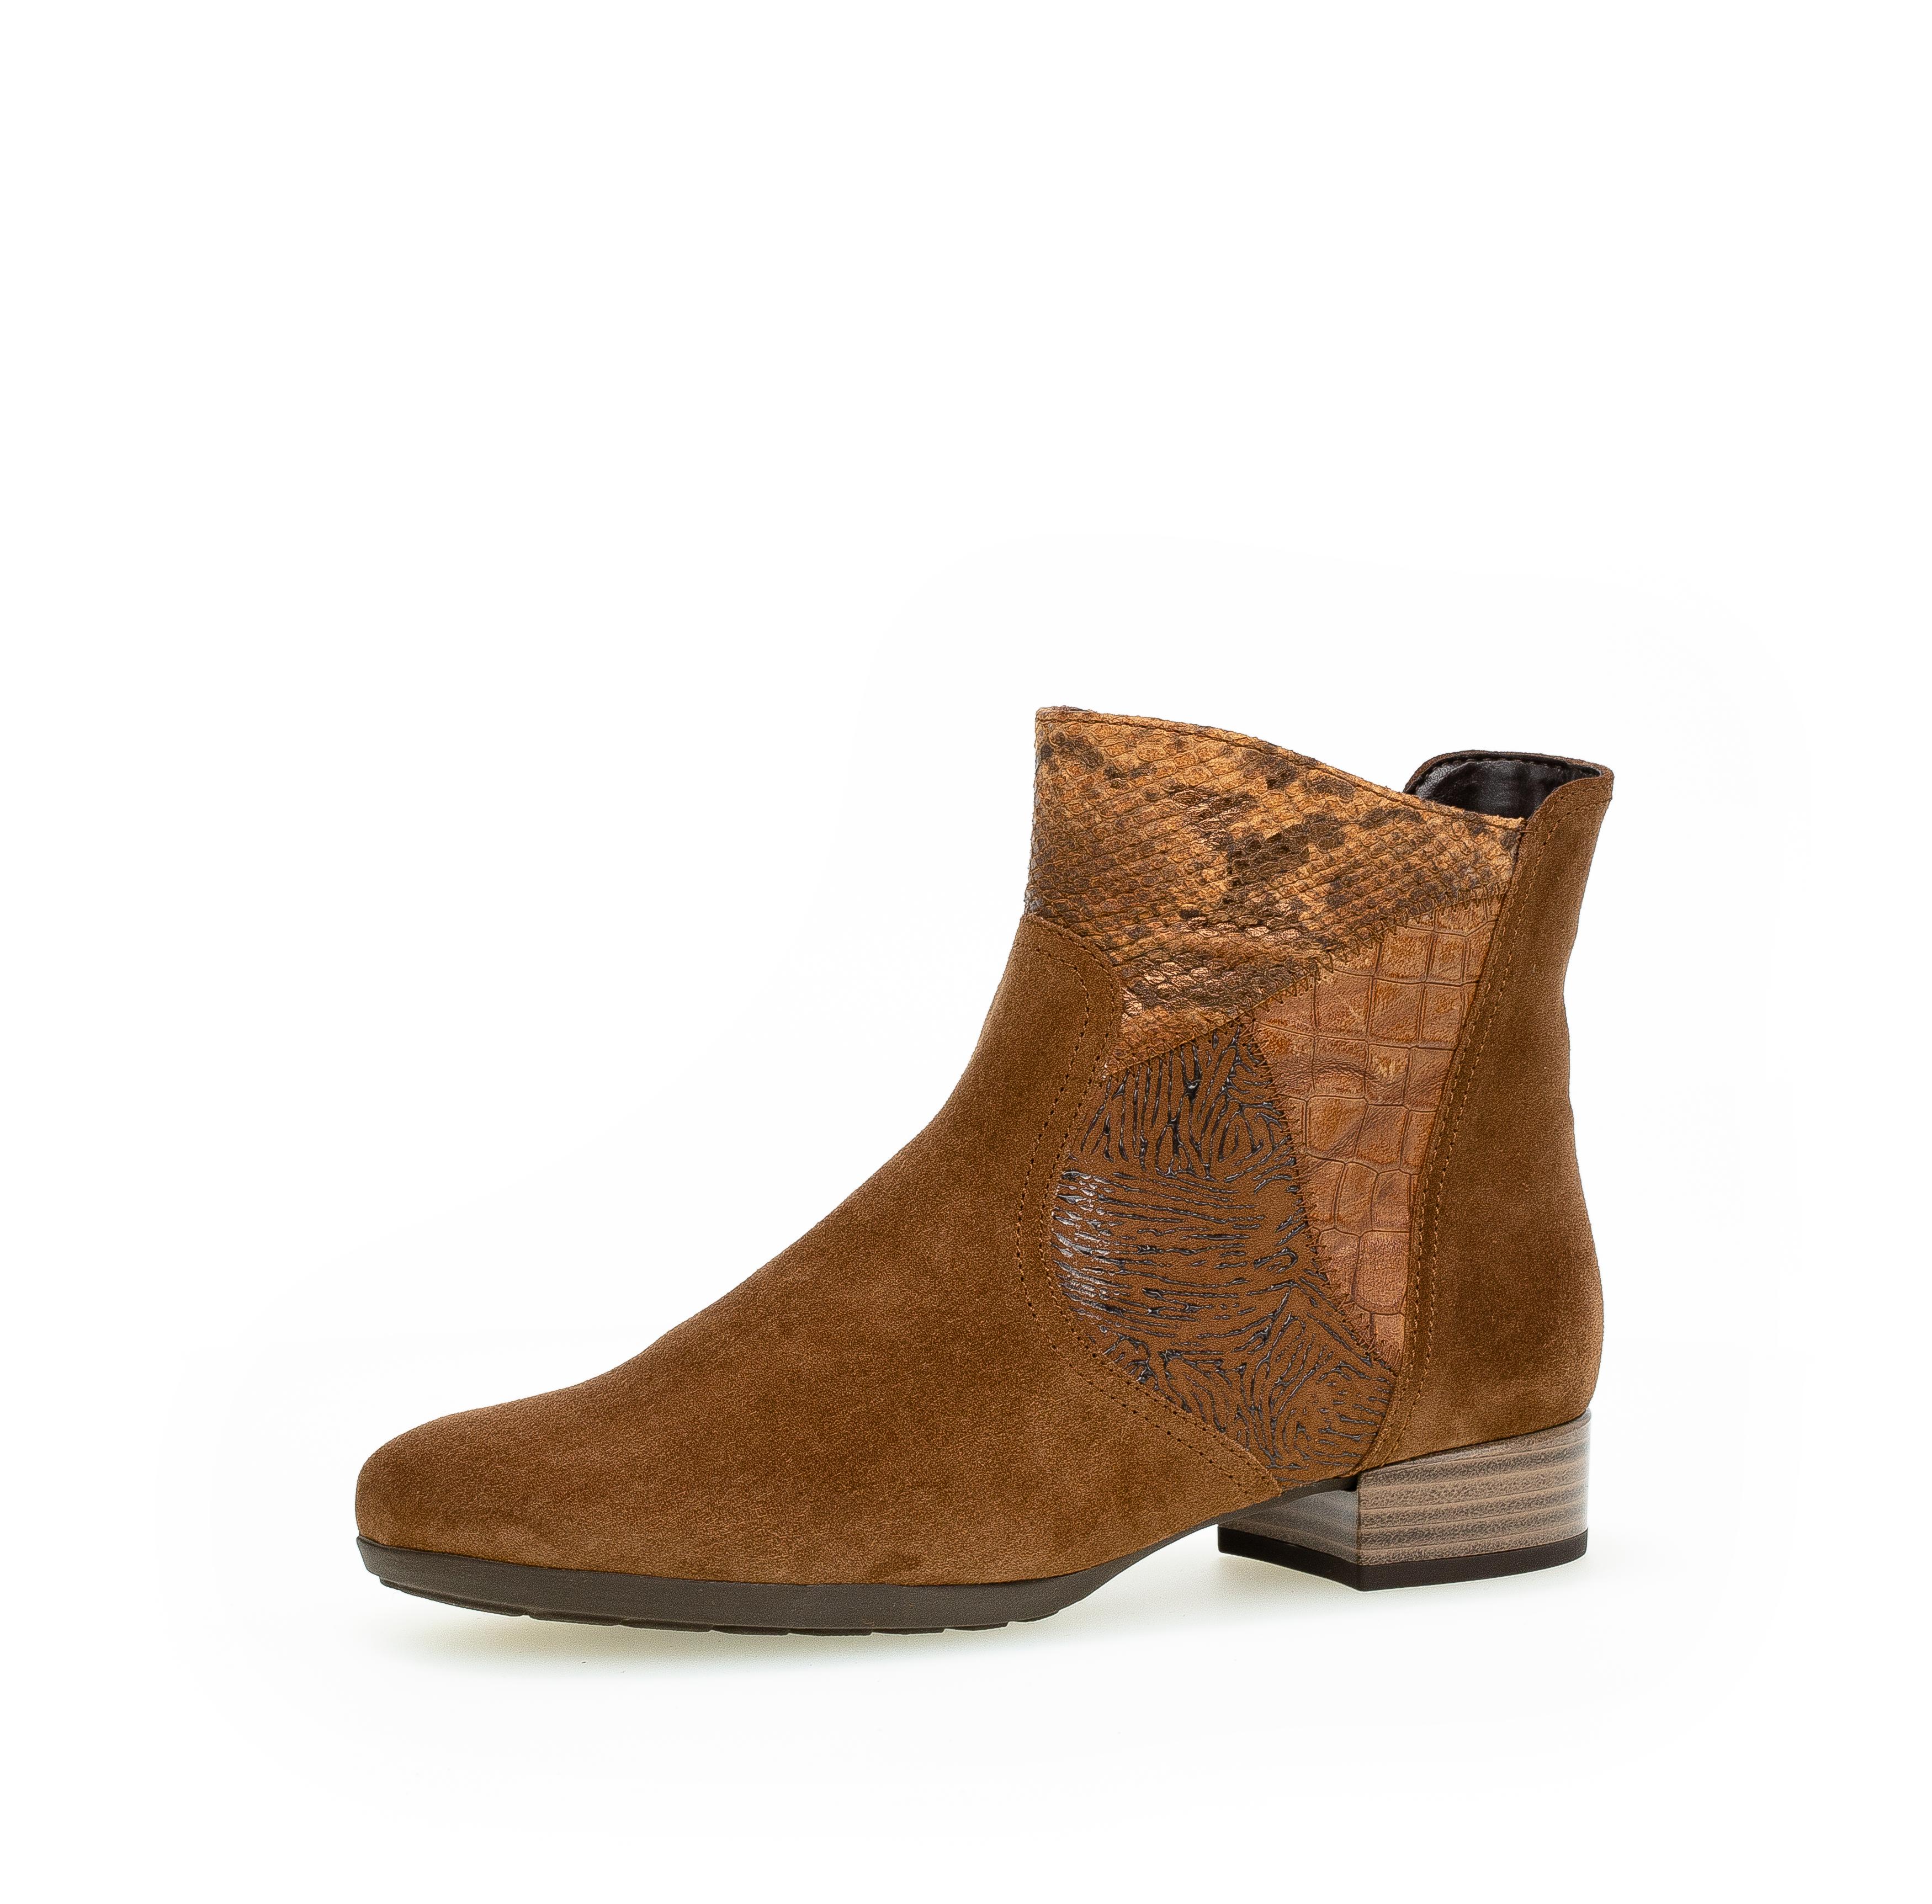 Gabor 72.713.41 Ankle boots, Cognac, 36